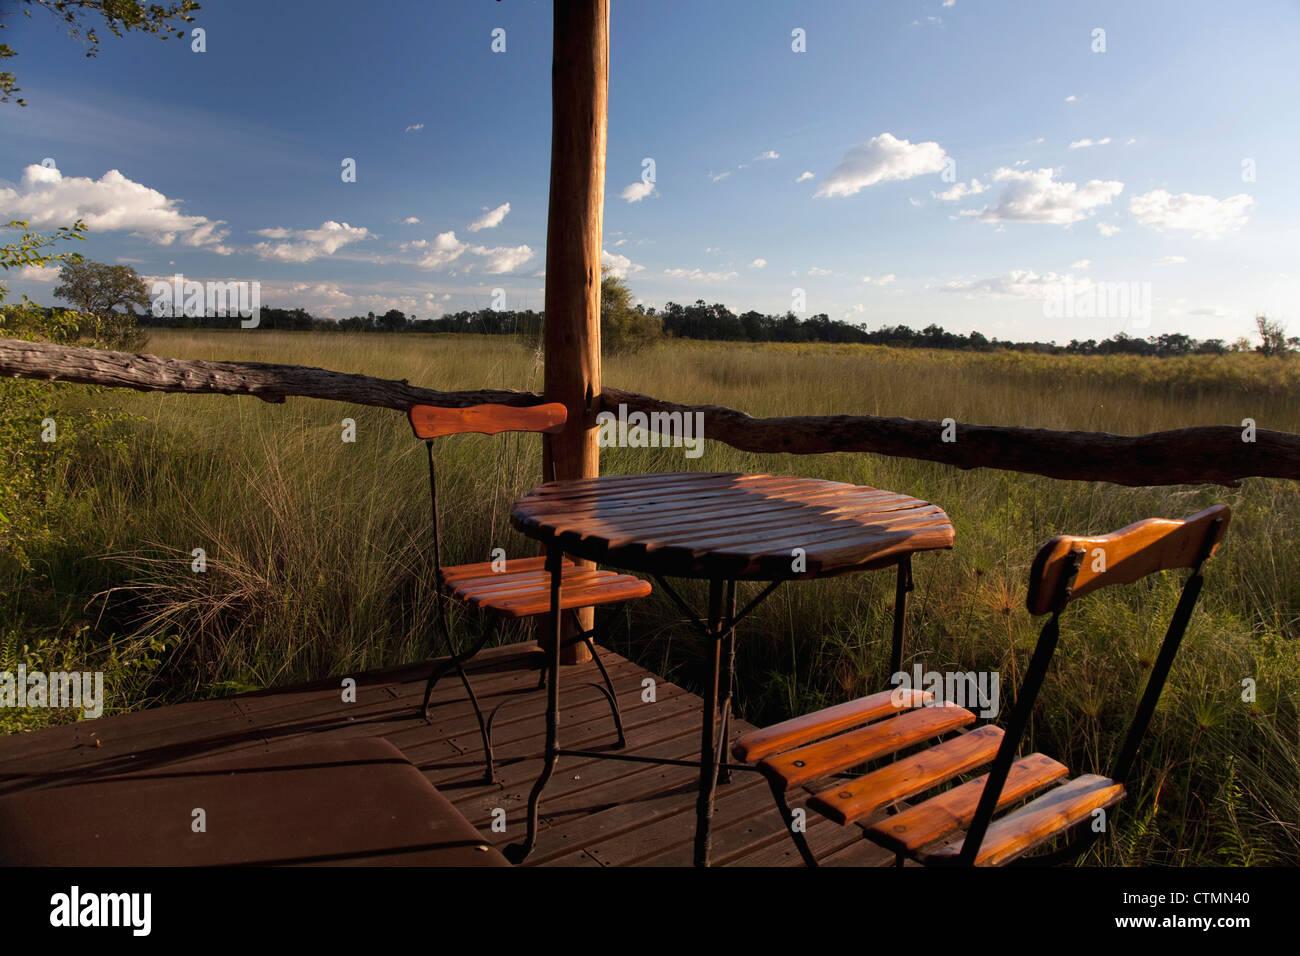 Porch overlooking grassy delta, Okavango Delta, Botswana - Stock Image